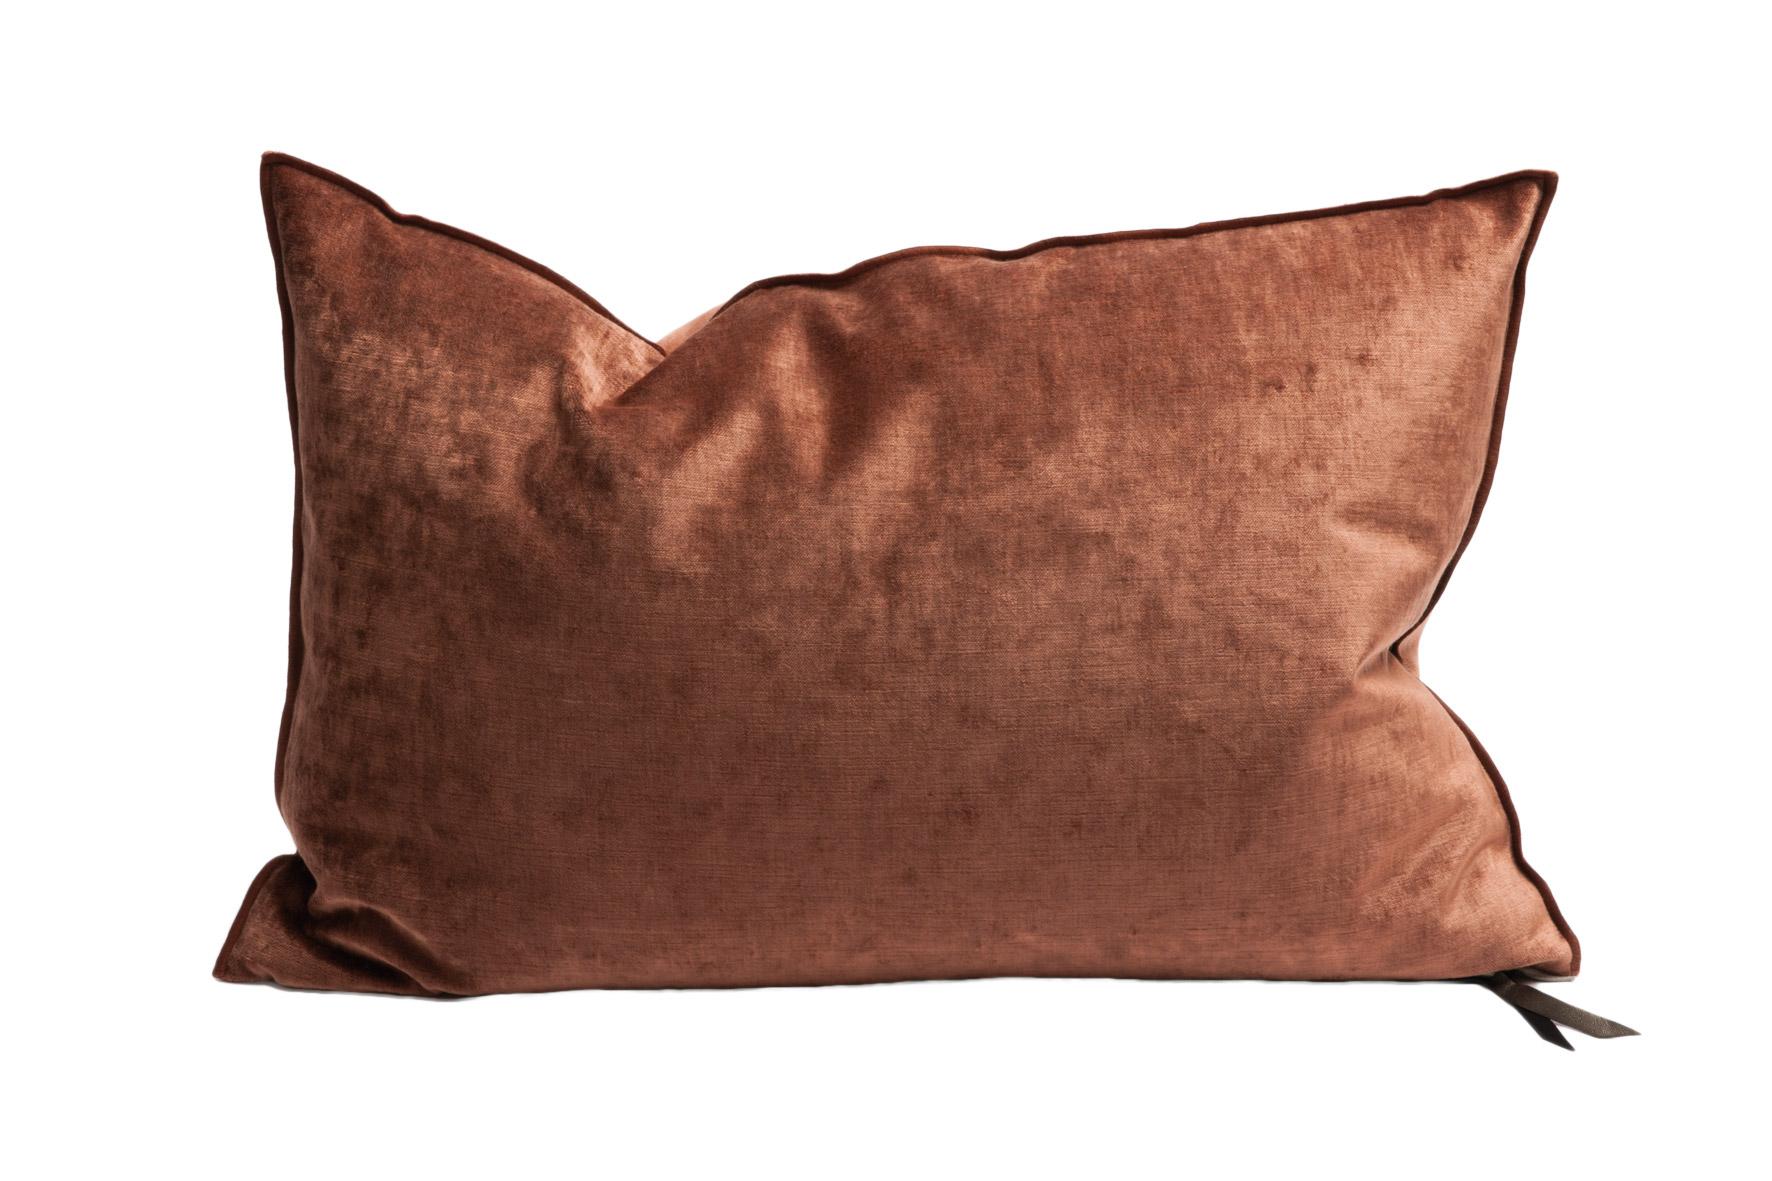 clic maison de vacances pillows